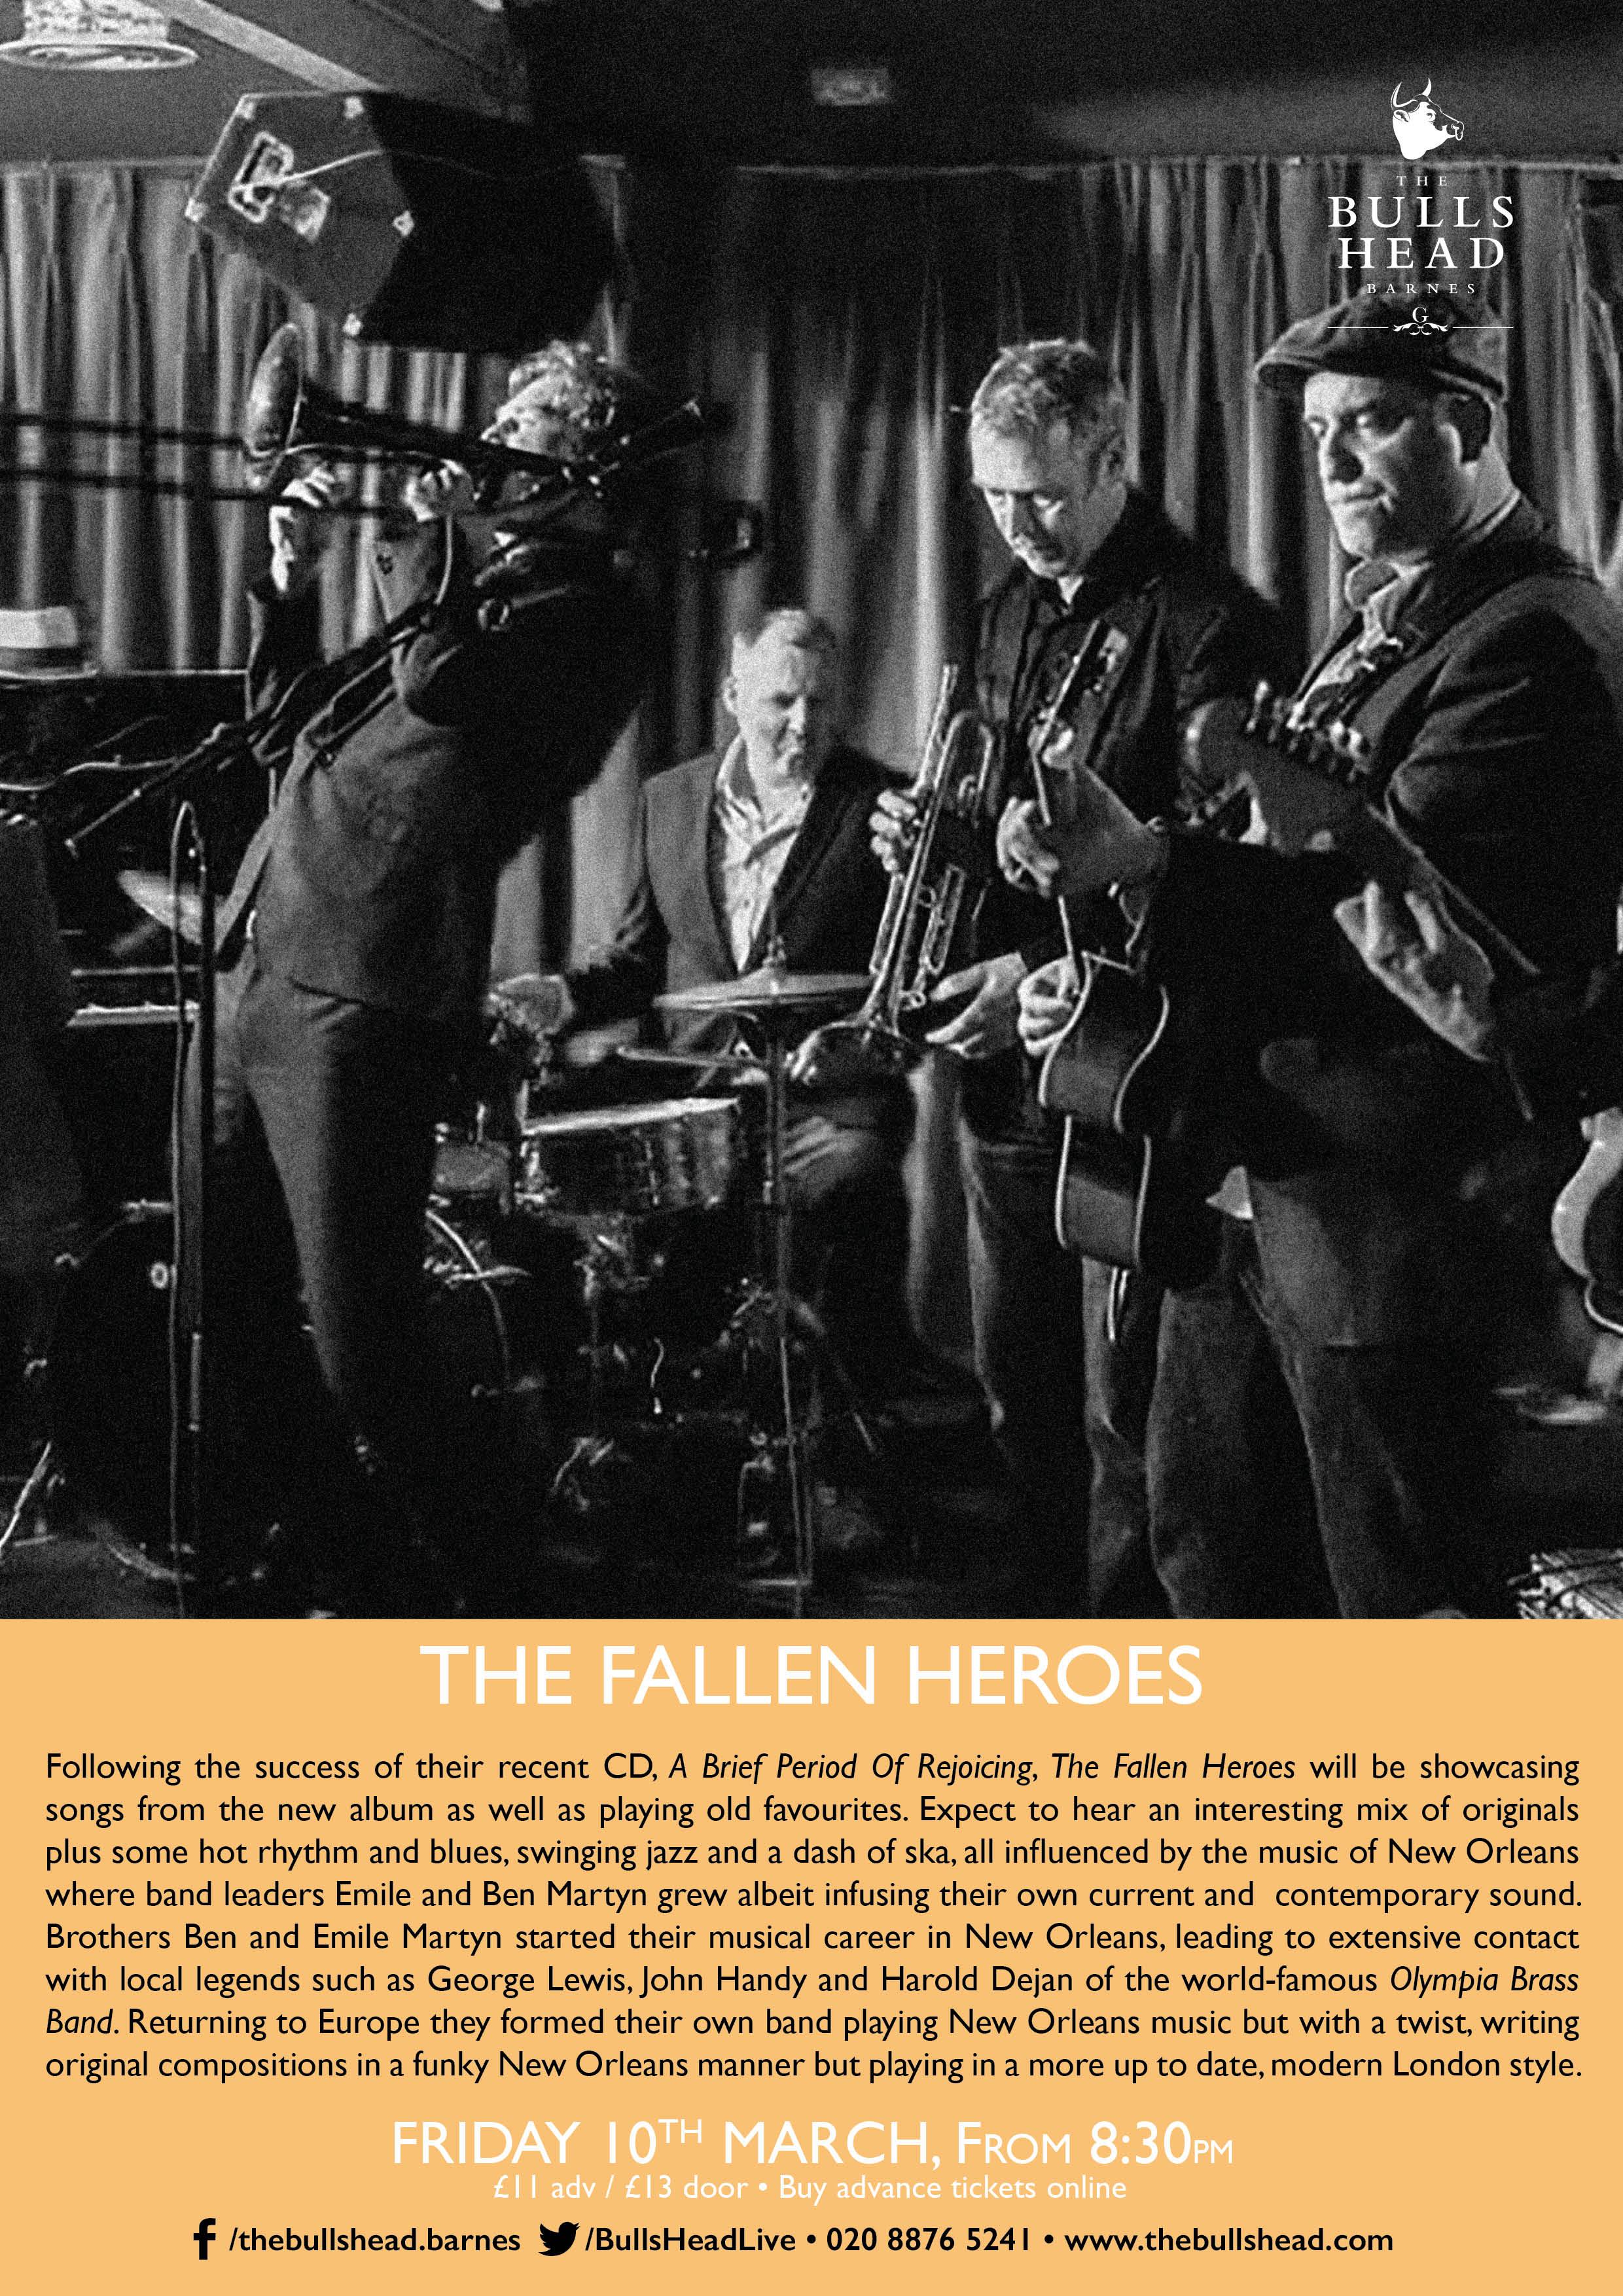 The Fallen Heroes